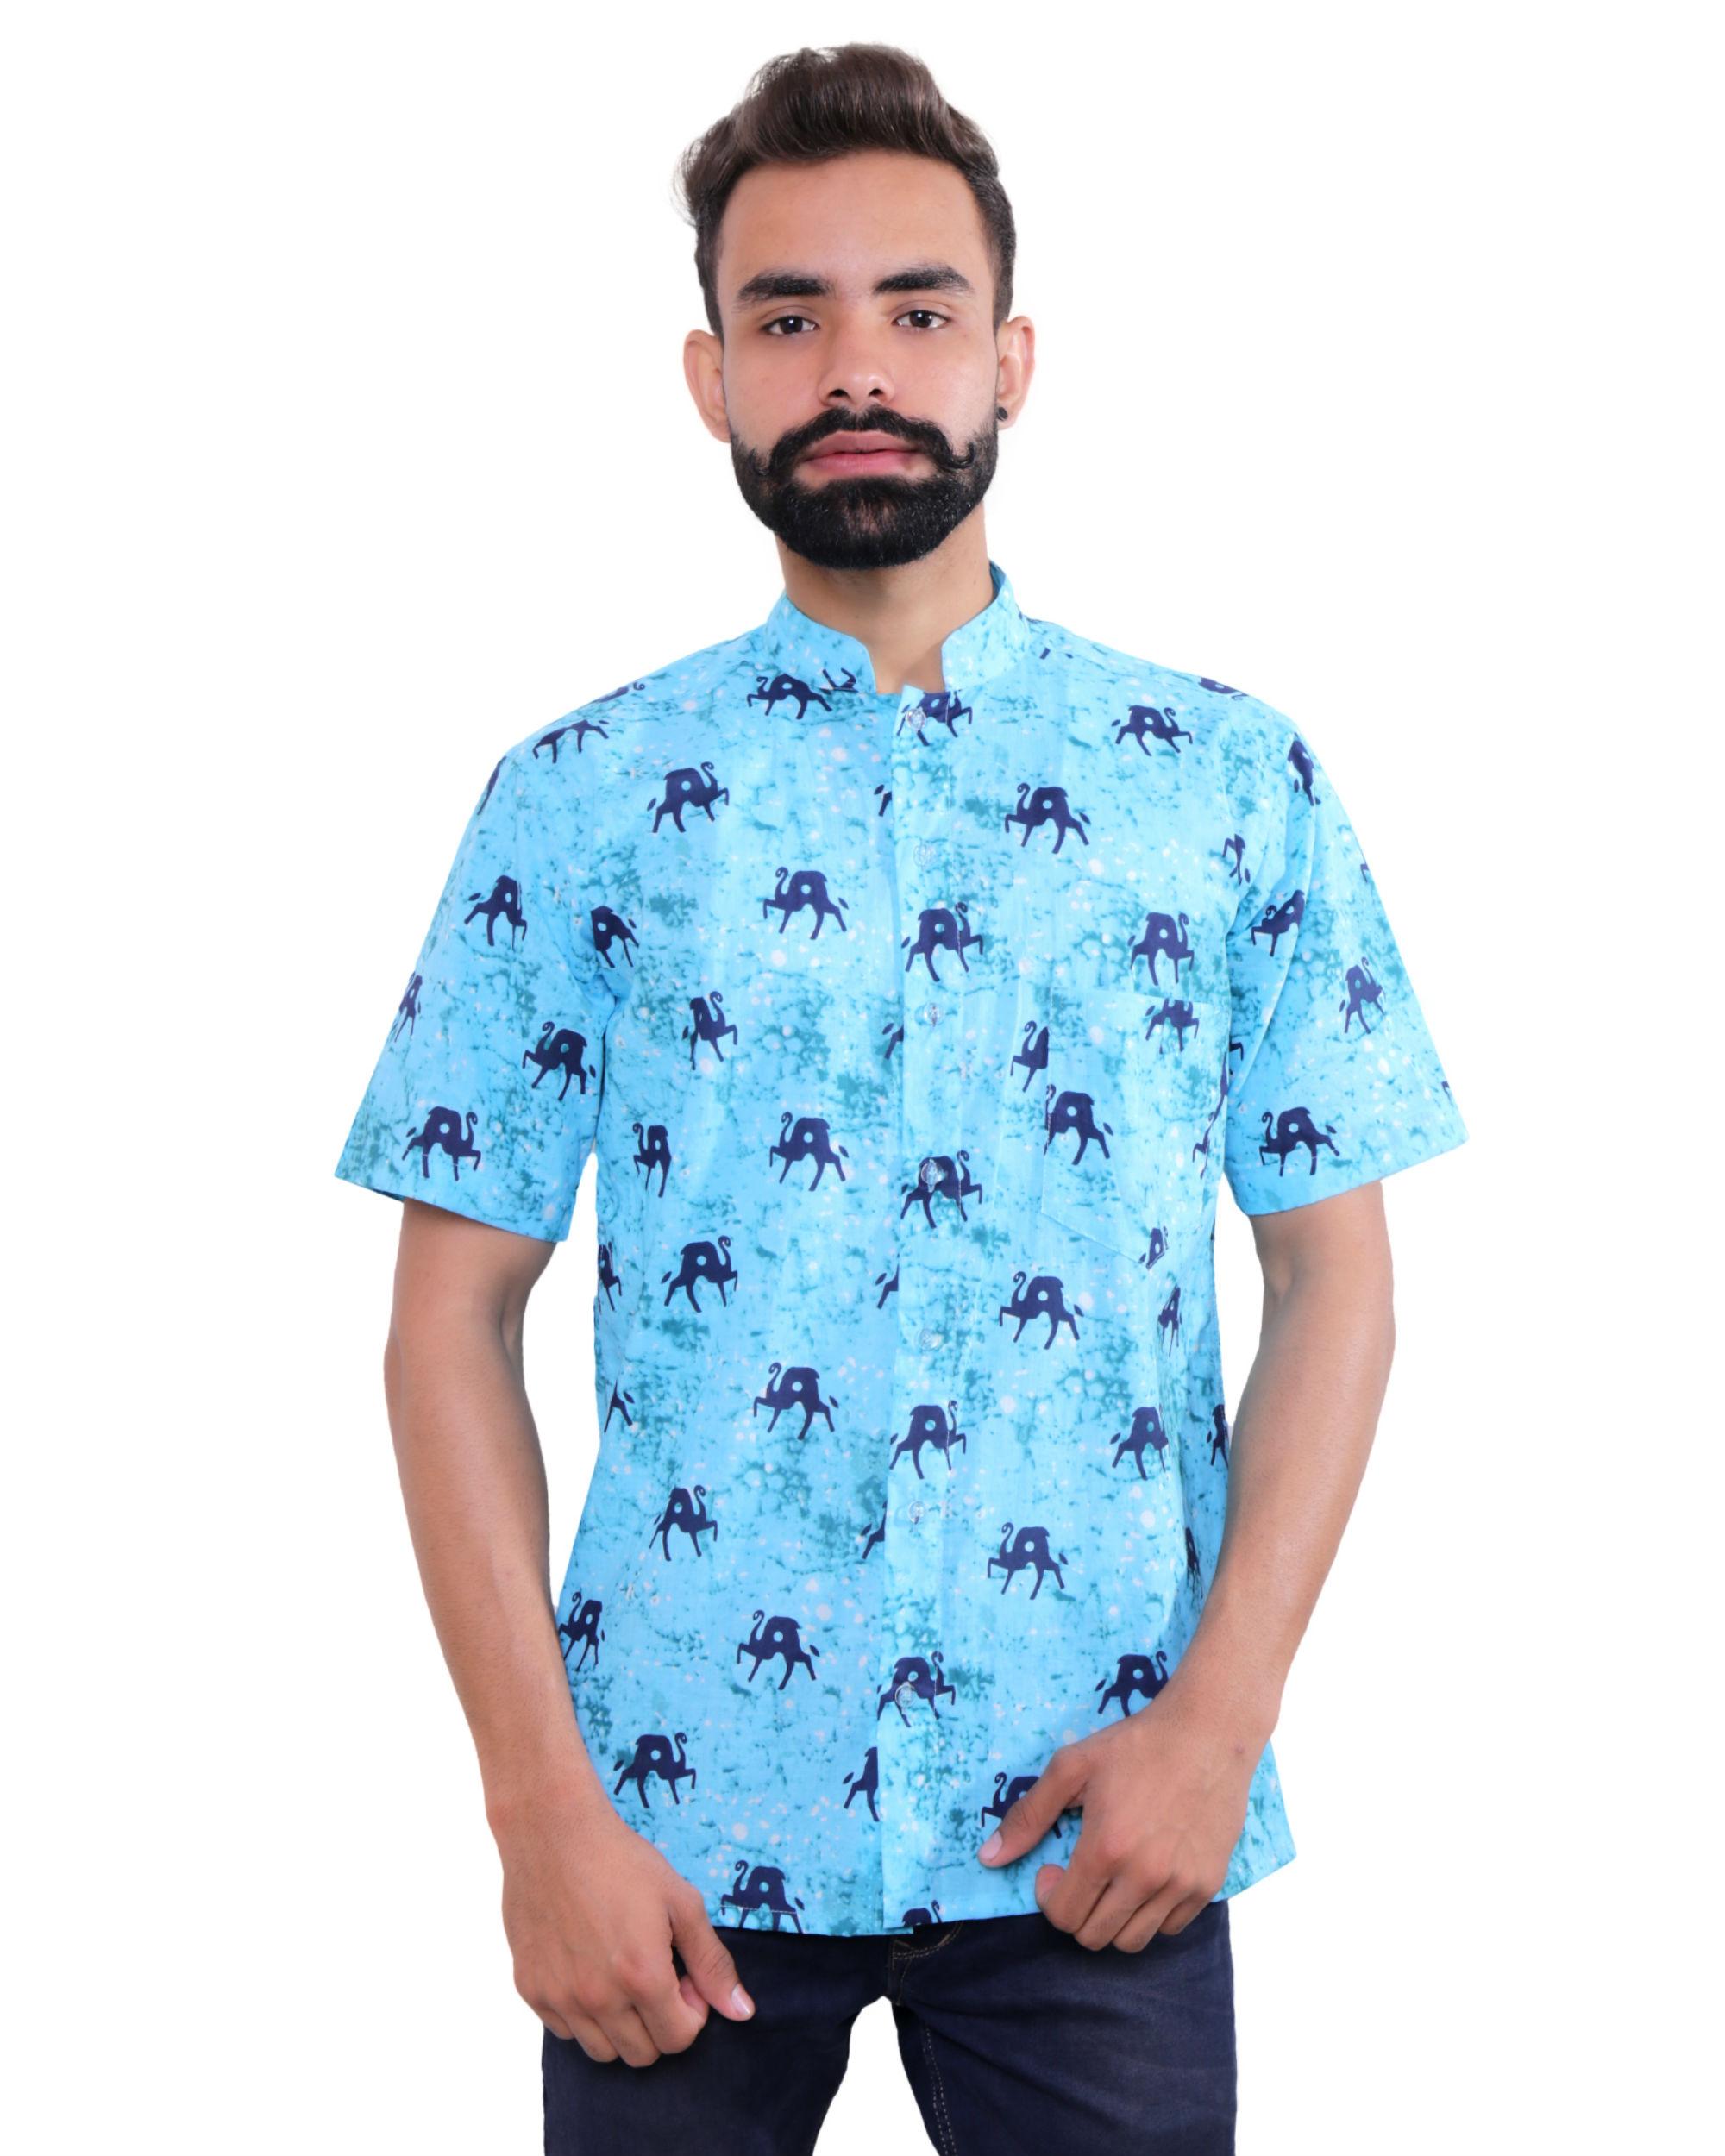 Aqua blue printed cotton shirt